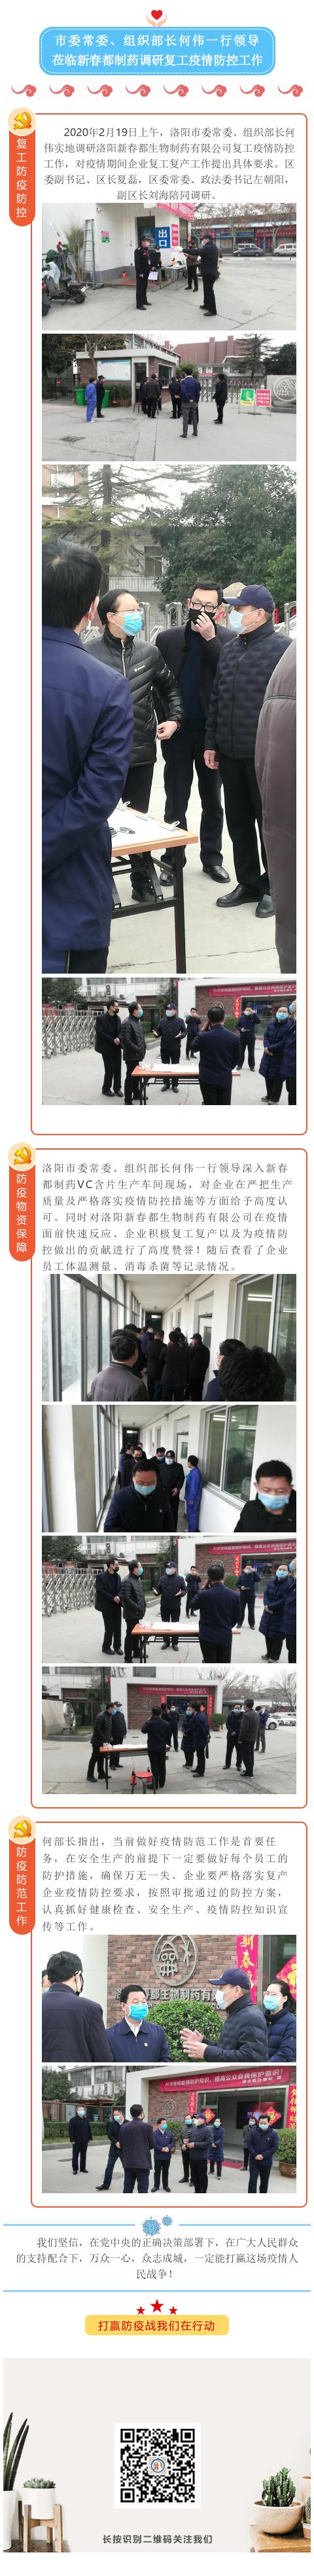 洛陽市委常委、組織部長何偉一行領導 蒞臨新春都制藥調研復工疫情防控工作